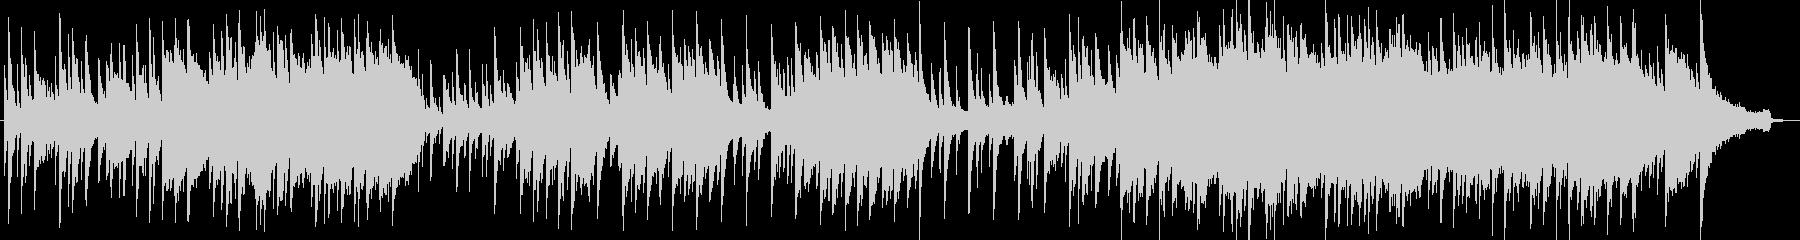 ザナルカンドにて風感動的ピアノバラードの未再生の波形